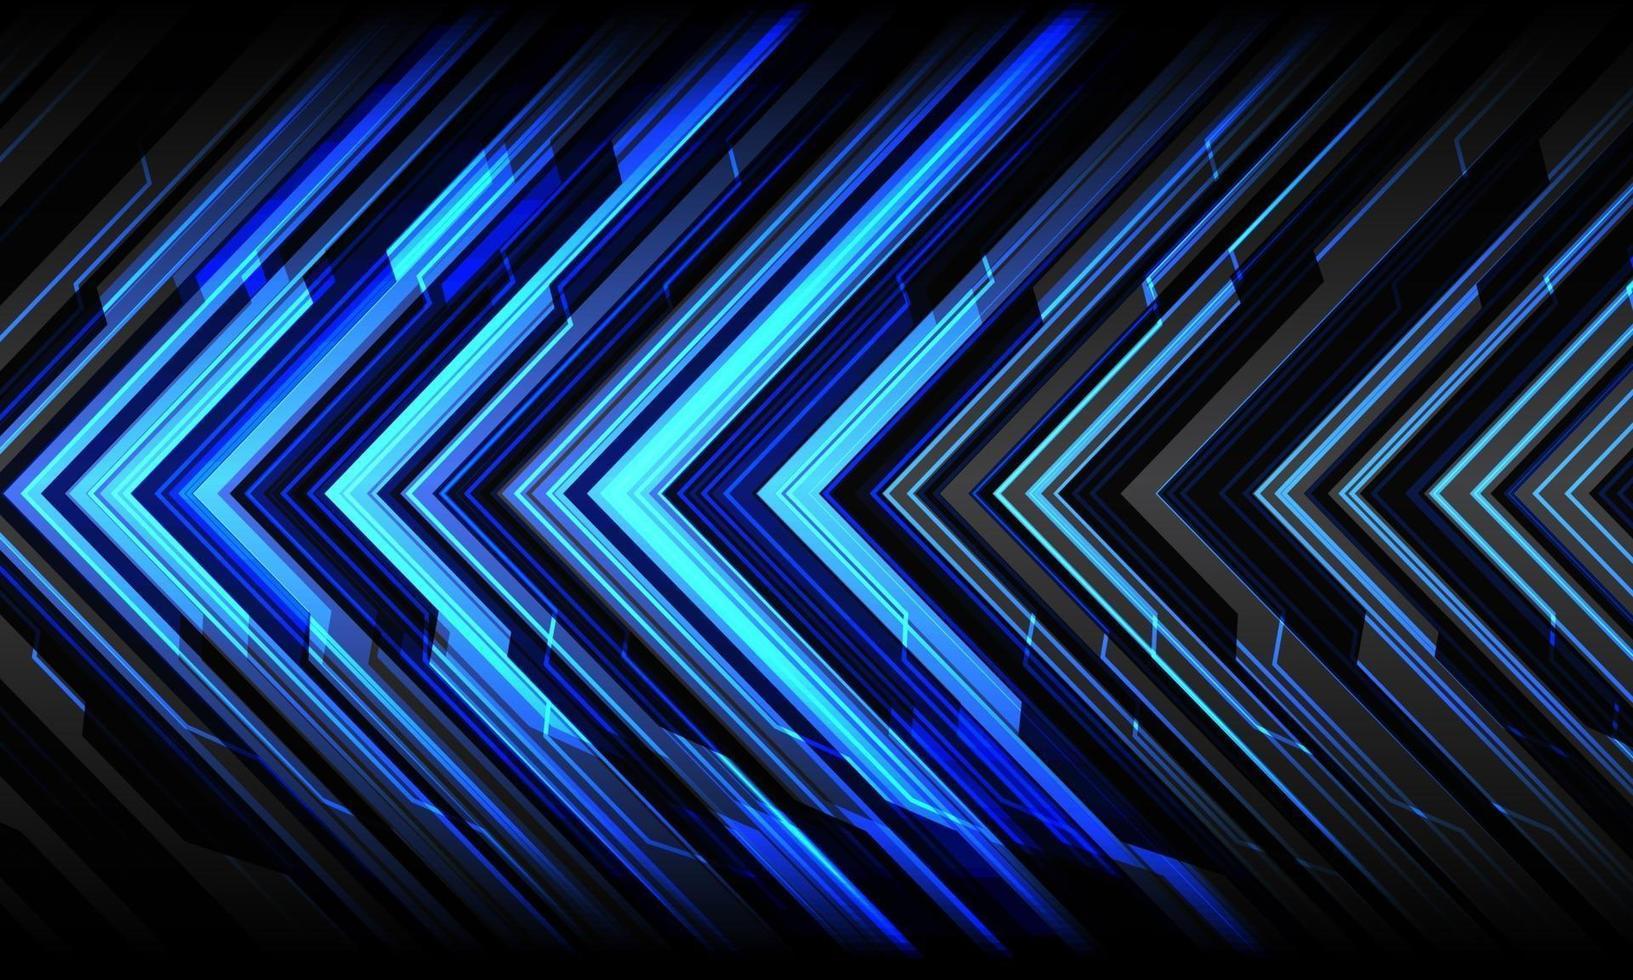 abstrakte blaue Pfeillicht Cyber geometrische Technologie futuristische Richtung auf grauem Design moderne Hintergrundvektorillustration. vektor